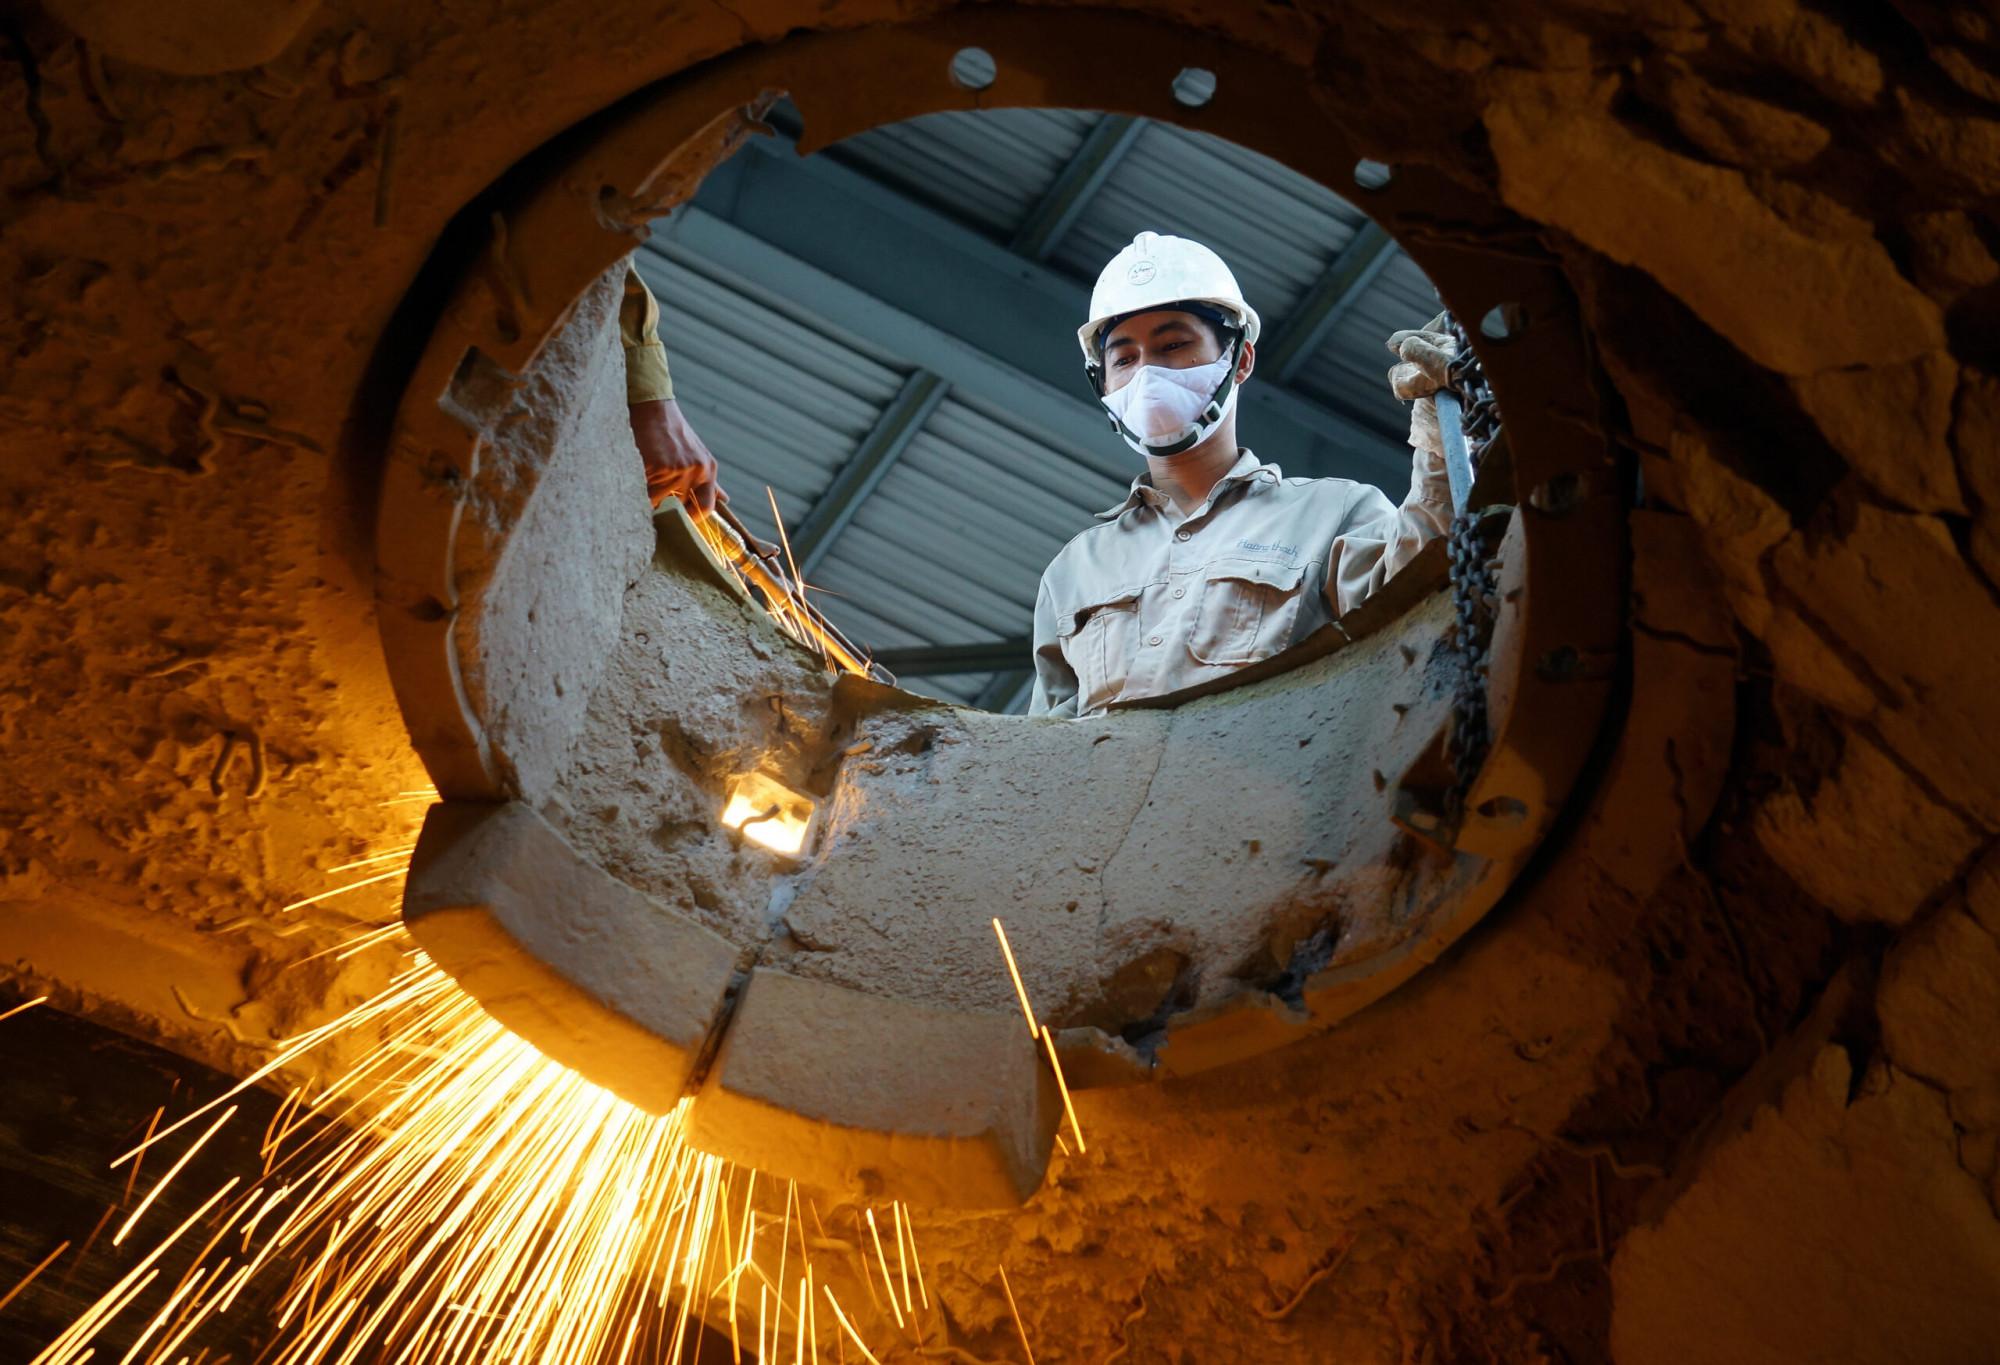 Nhà nước cần có sự phối hợp với DN để tháo gỡ những bất cập, phục hồi tái sản xuất. (Ảnh minh hoạ)